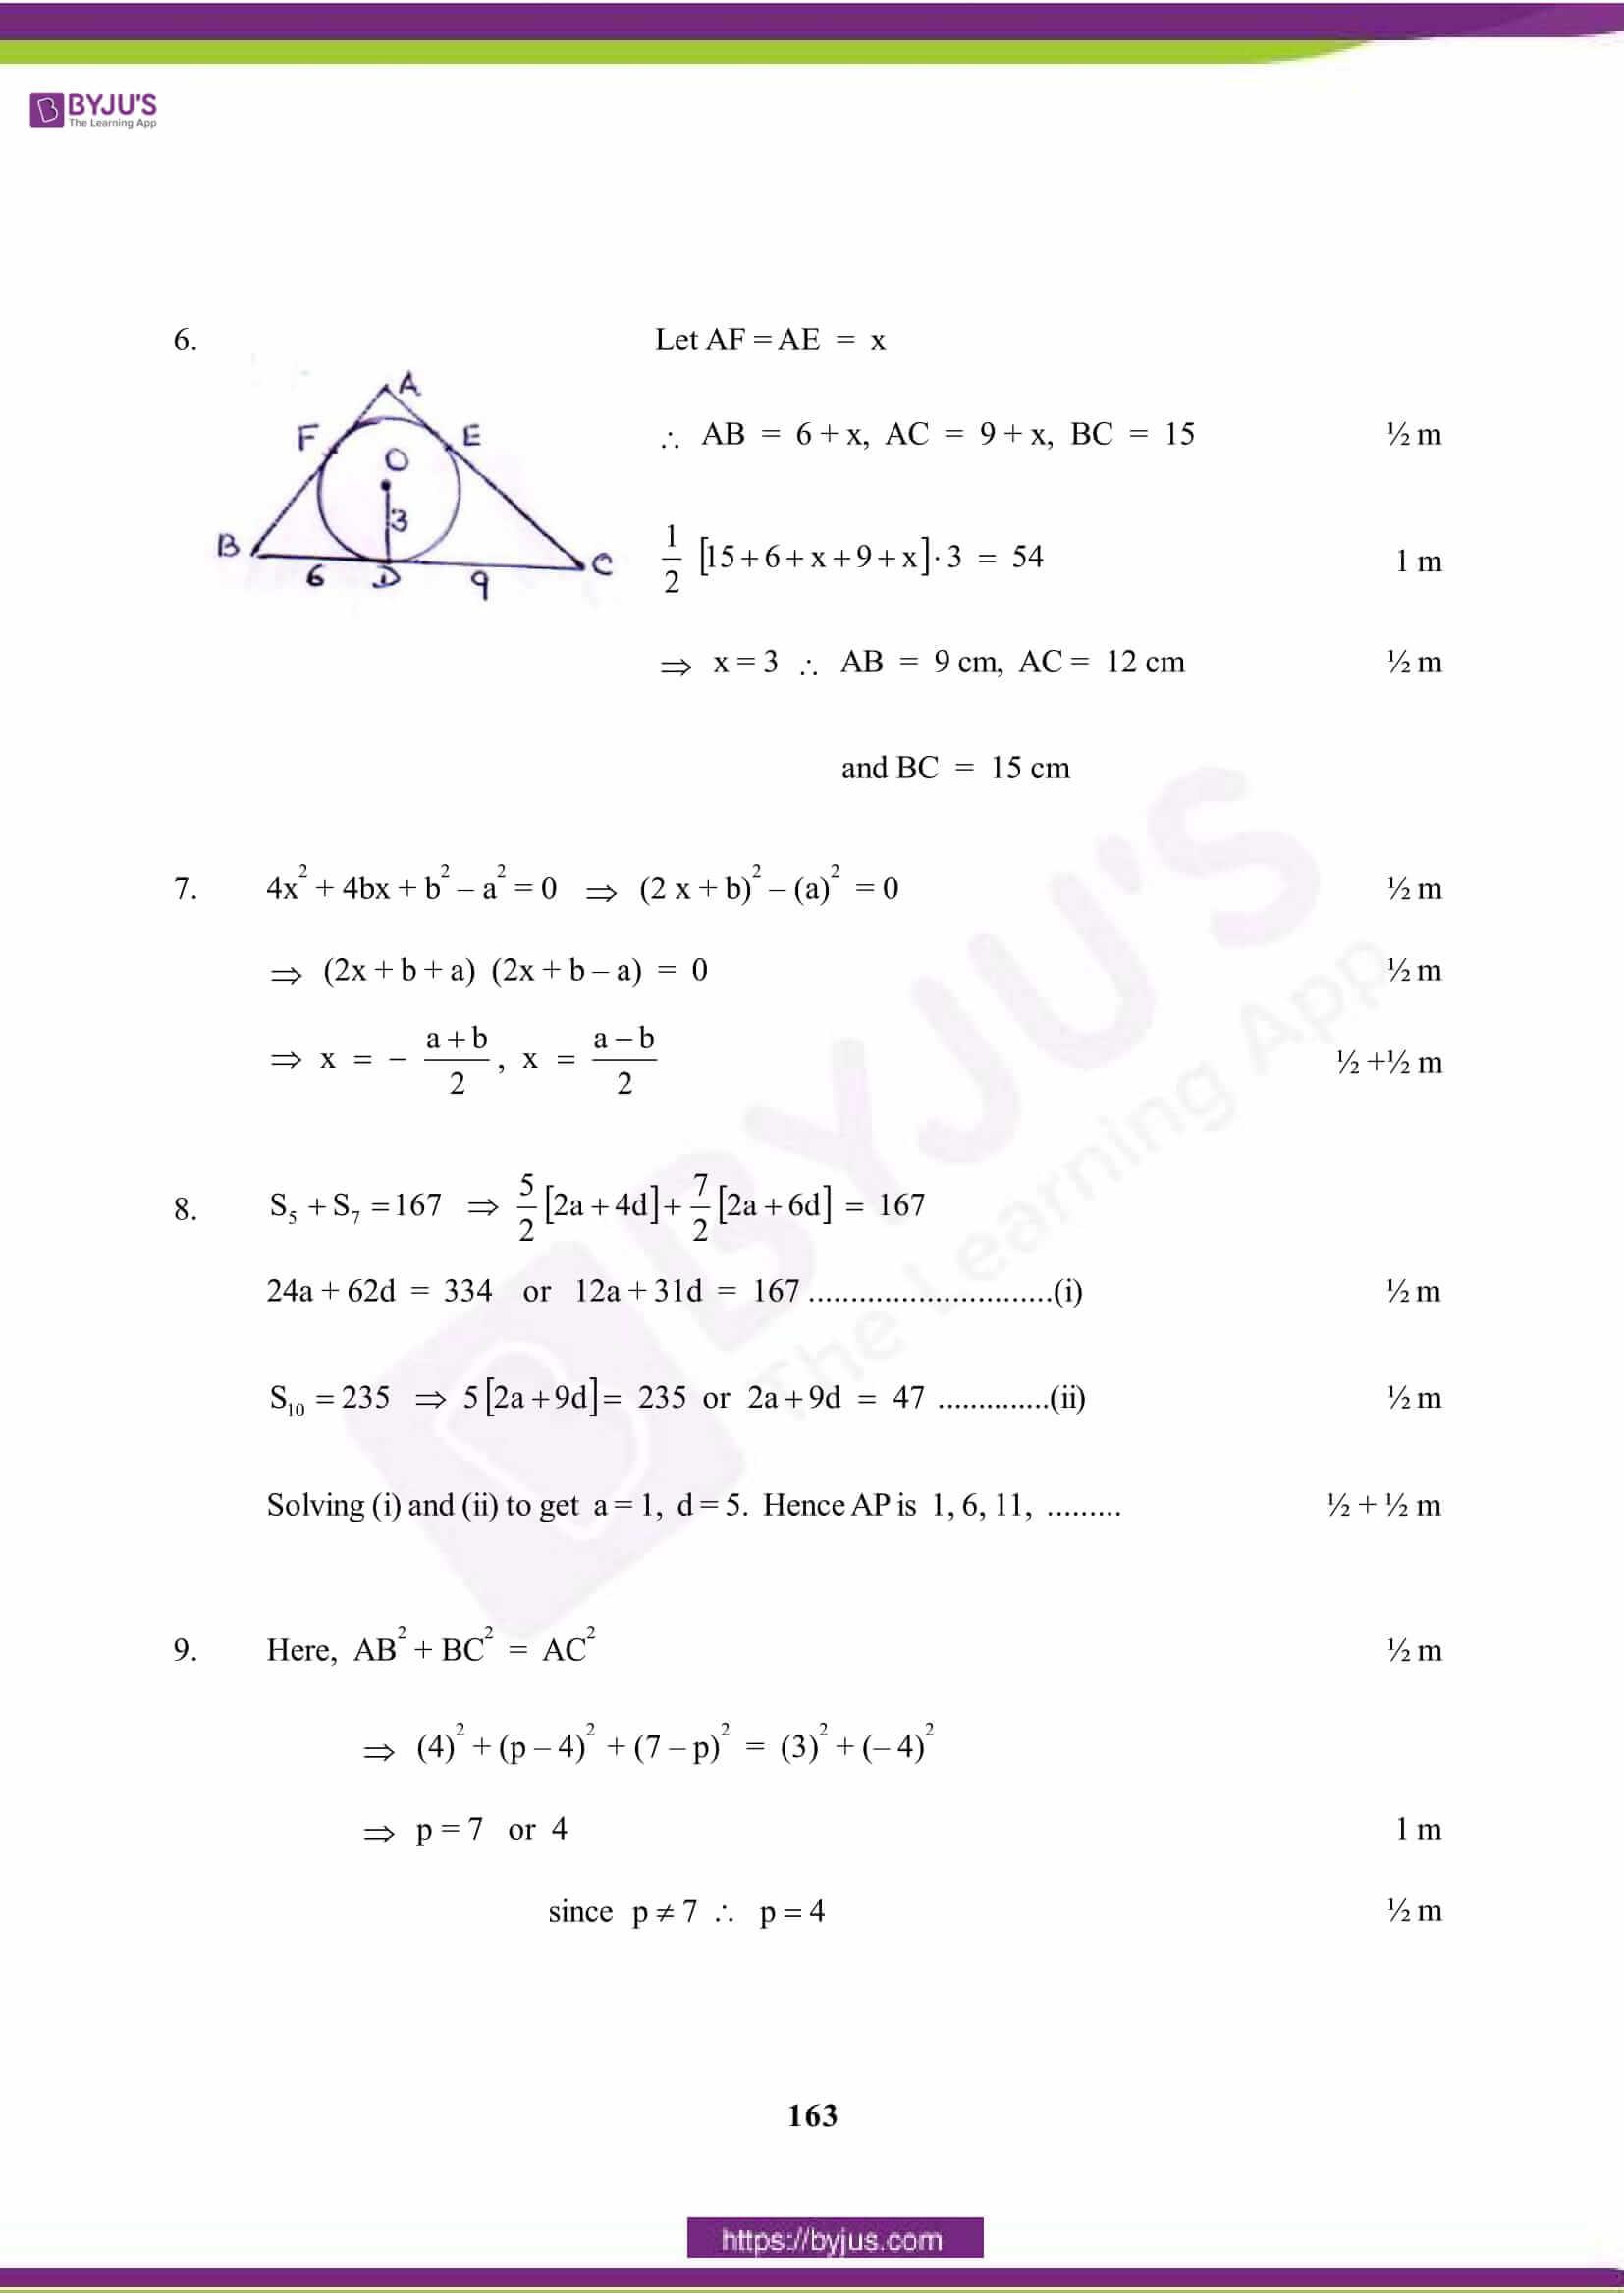 CBSE Class 10 Maths Solution PDF 2015 Set 1 2